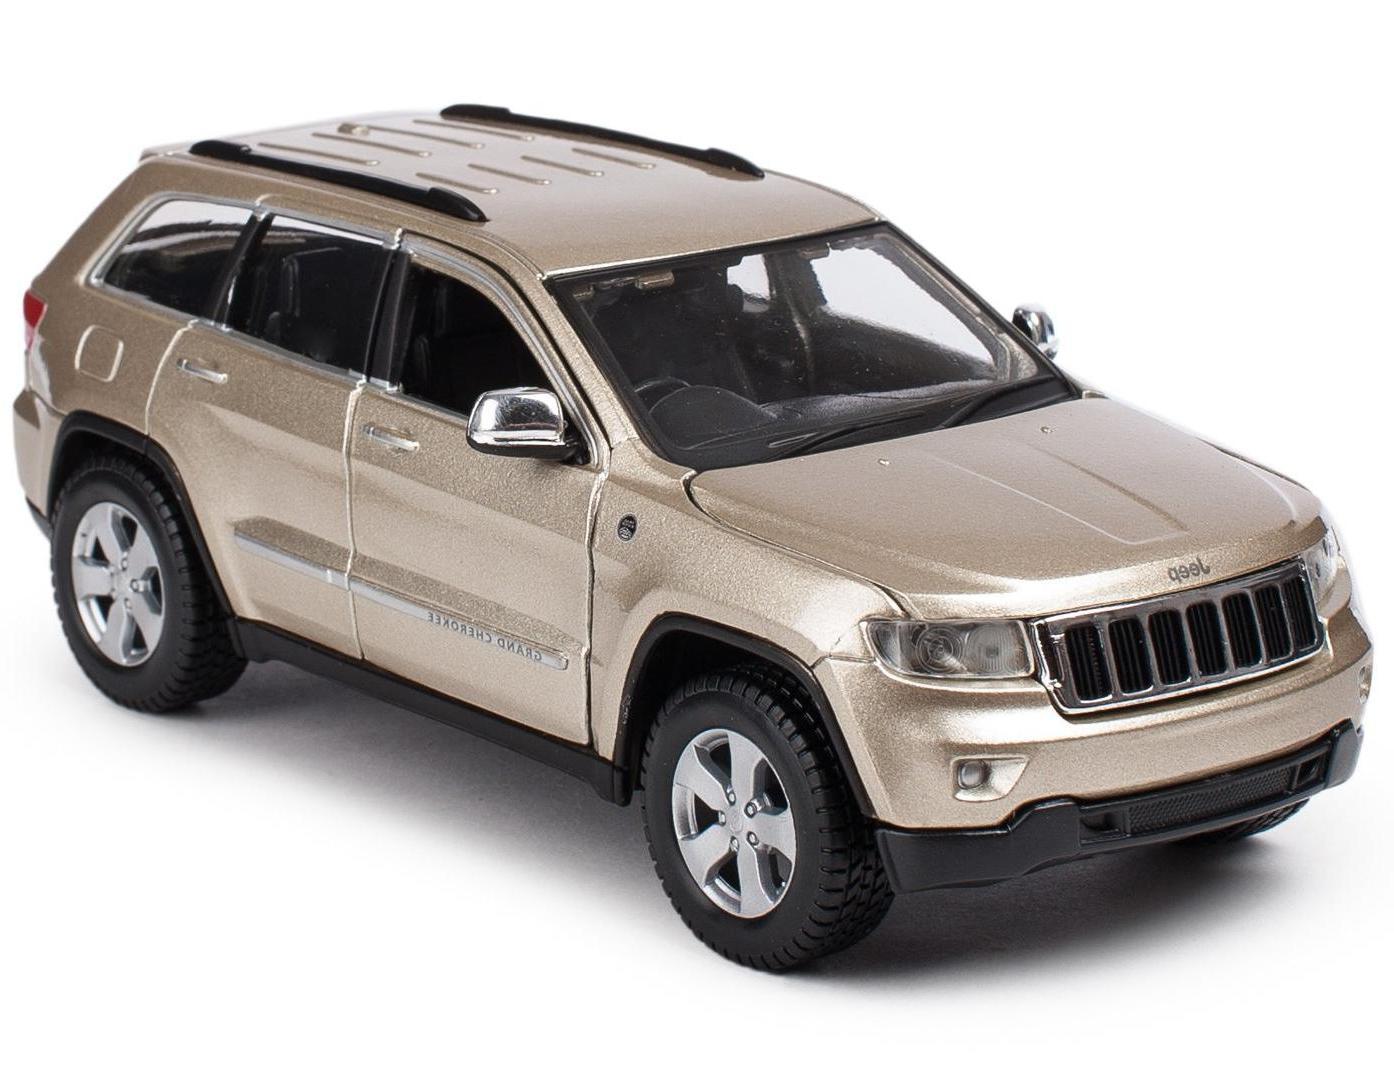 Купить Машинка Maisto бронза - Jeep Grand Cherokee Laredo 2011г 1:24, Игрушечные машинки